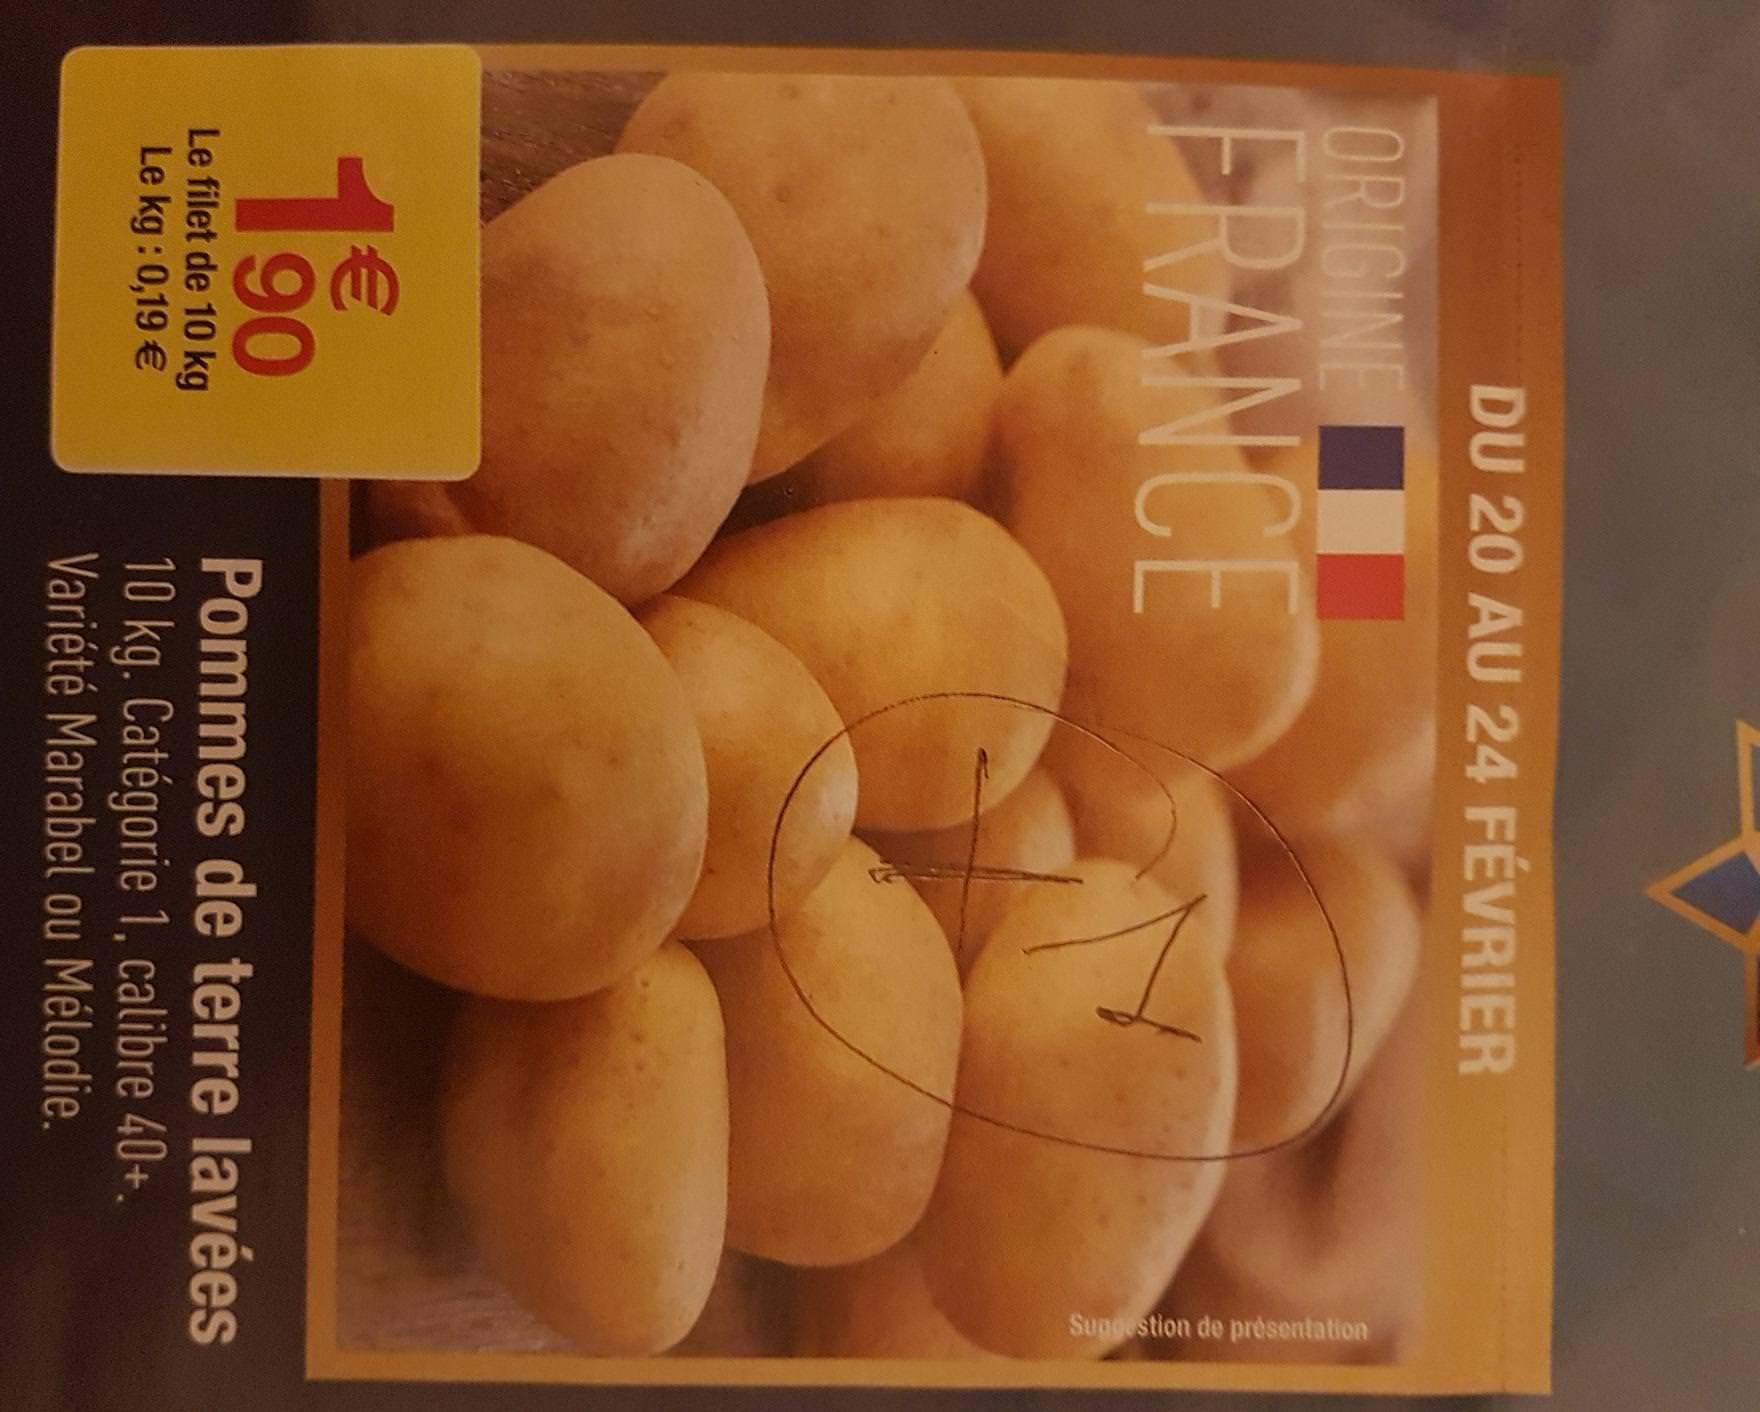 5kg d'Oignons à 1,30€ ou Filet de 10Kg de Pommes de Terre Lavées Calibre 40 Catégorie 1 - Variétés au choix